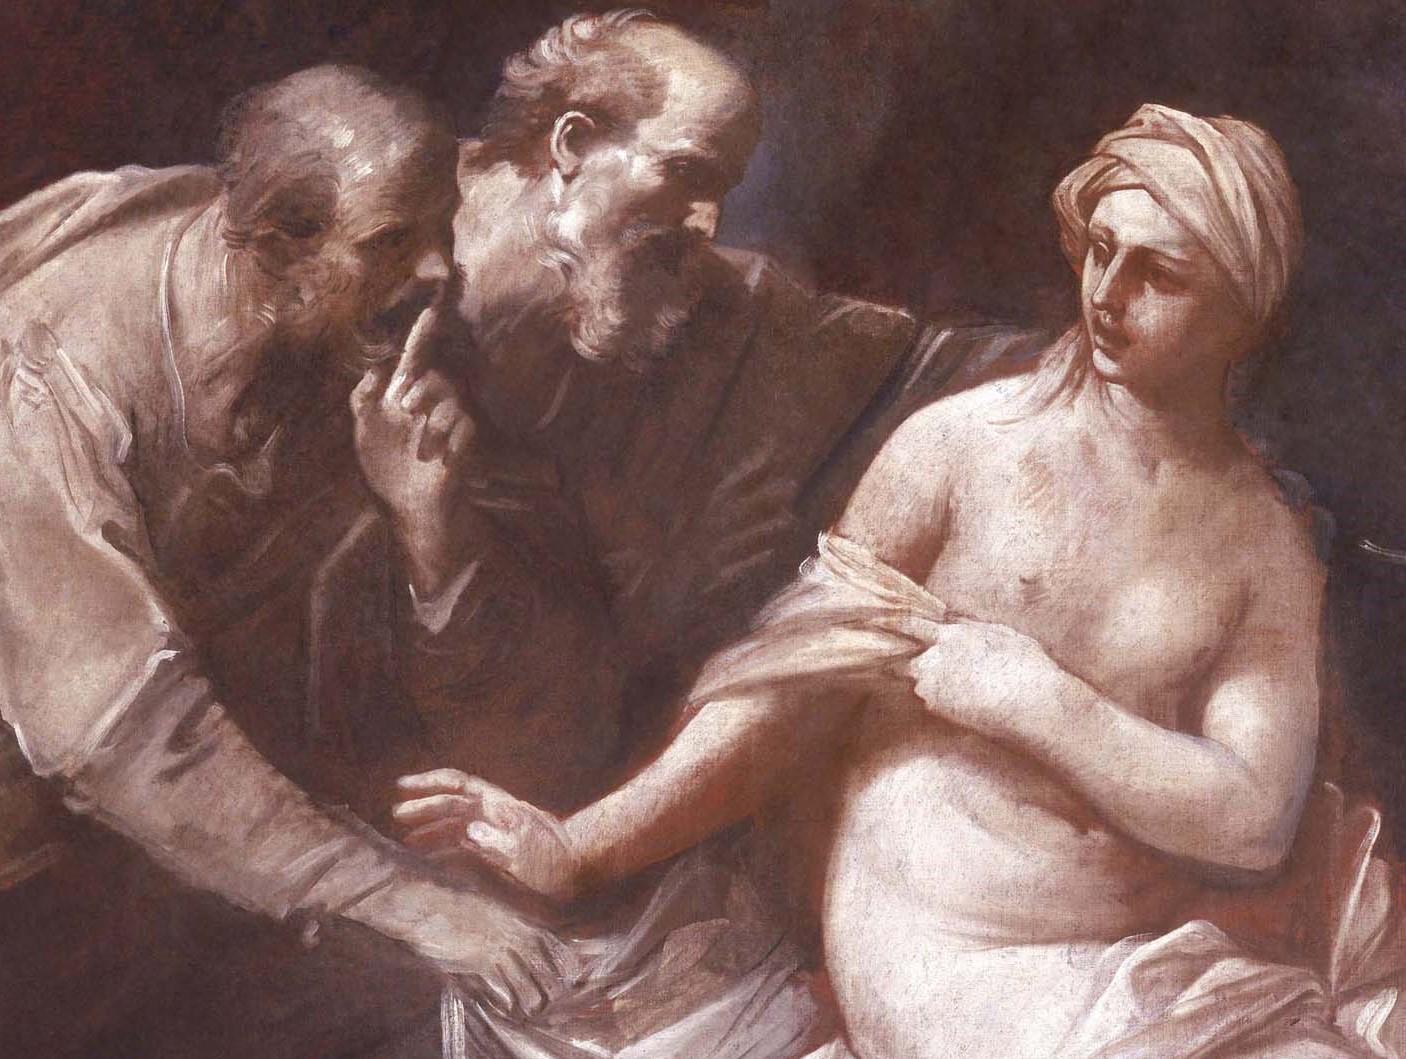 Guido Reni Susanna vecchioni